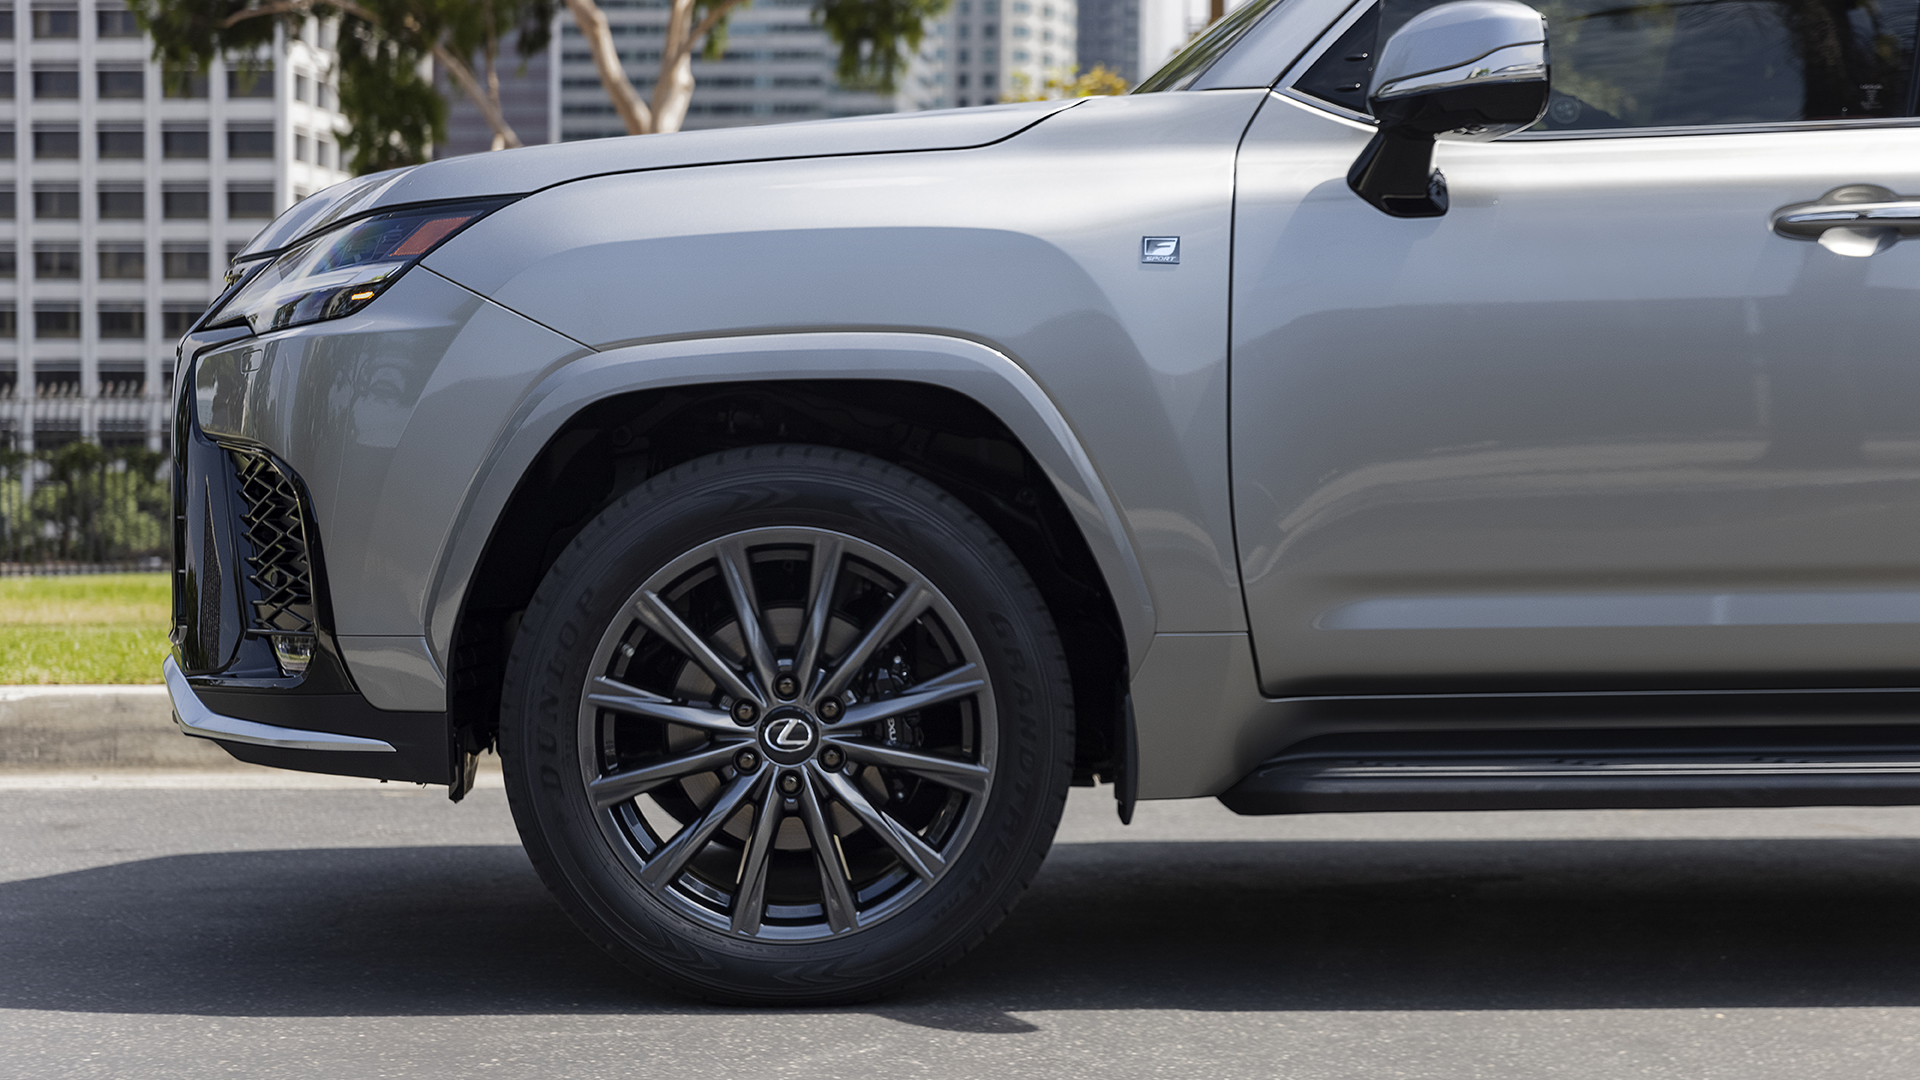 2022 Lexus LX 600 front quarter side profile